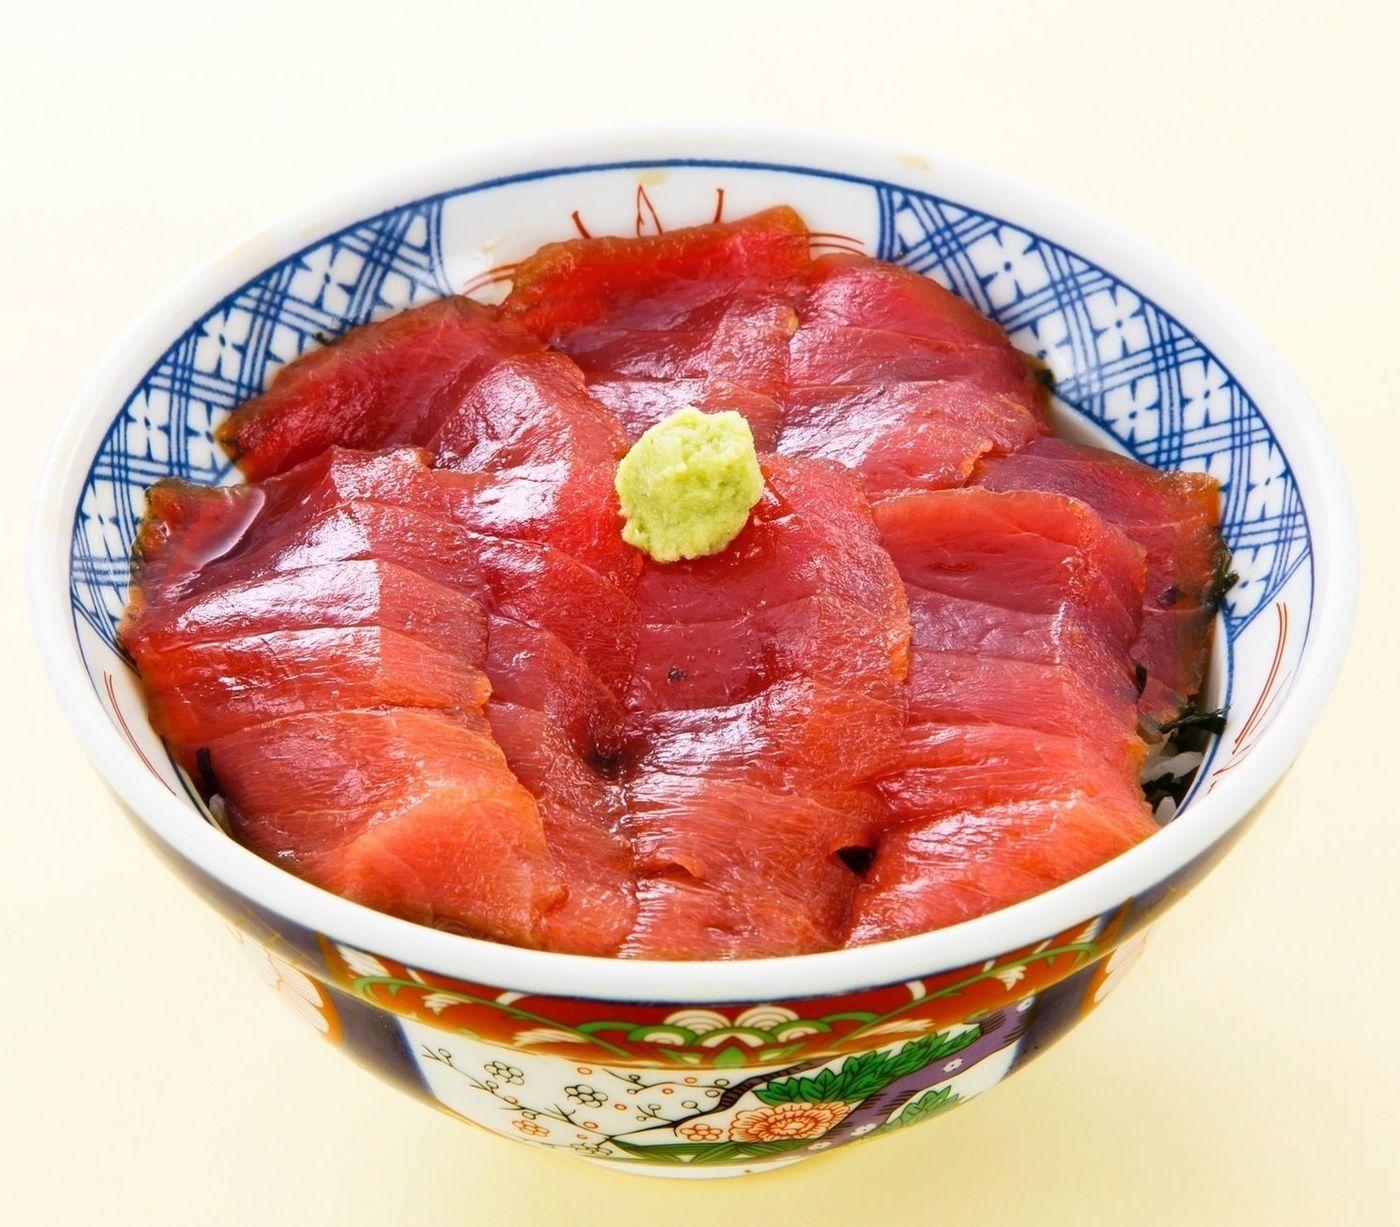 難波でのランチに海鮮丼はいかが?おすすめの人気店・穴場店を6選!の画像